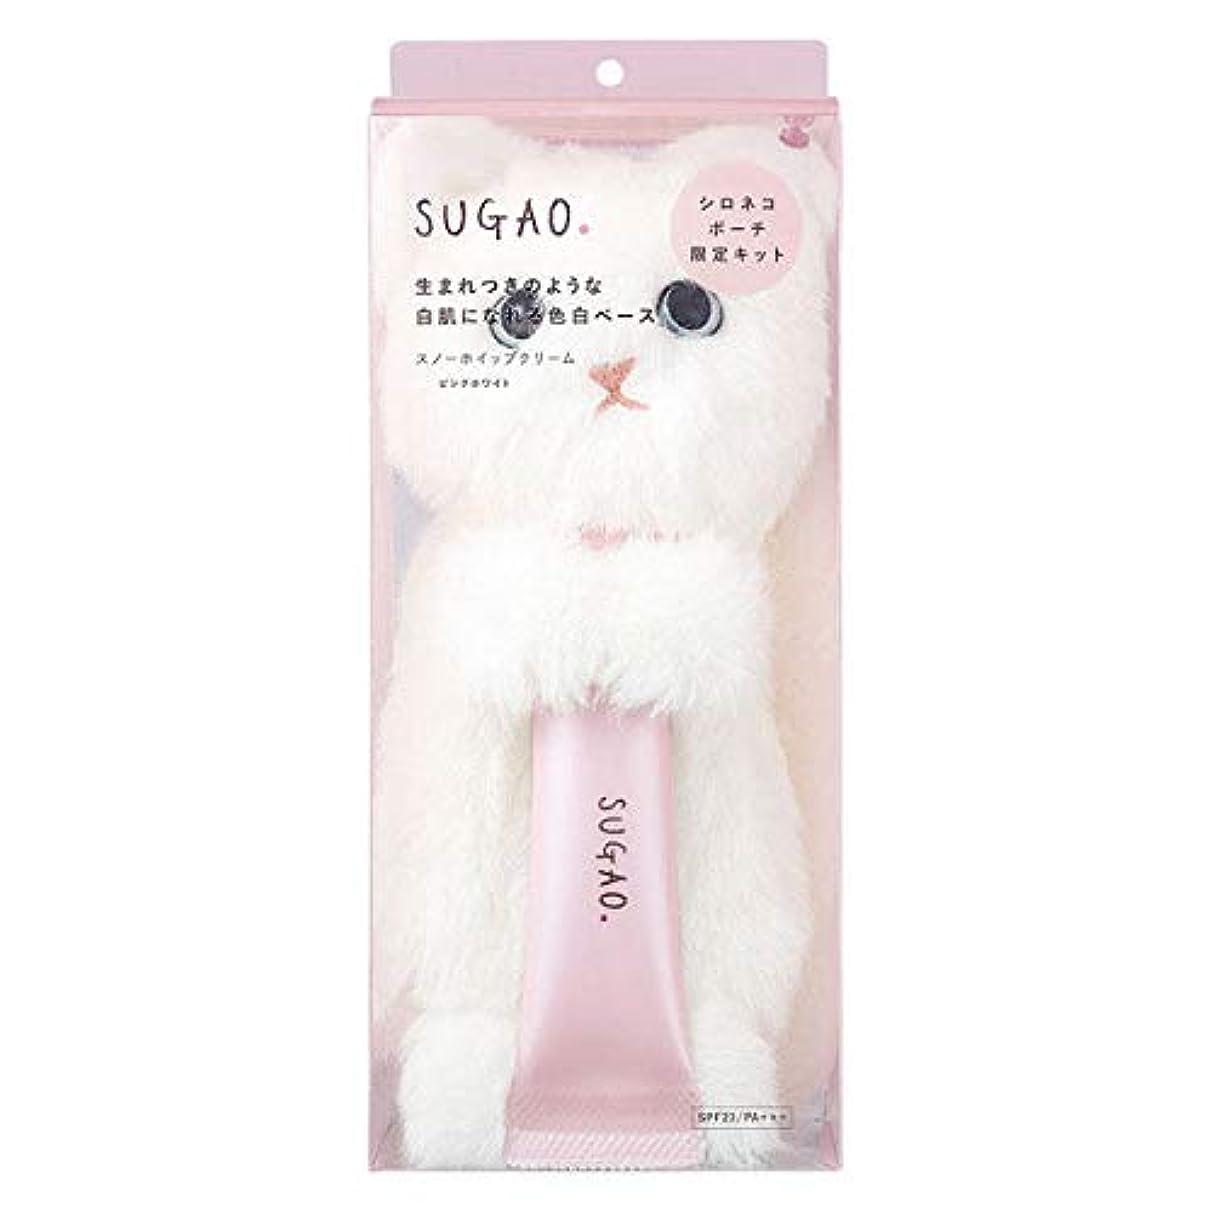 手書き楕円形高度なSUGAO(スガオ) スノーホイップクリーム ピンクホワイト 25g +シロネコぬいぐるみ付き ロート製薬 [並行輸入品]